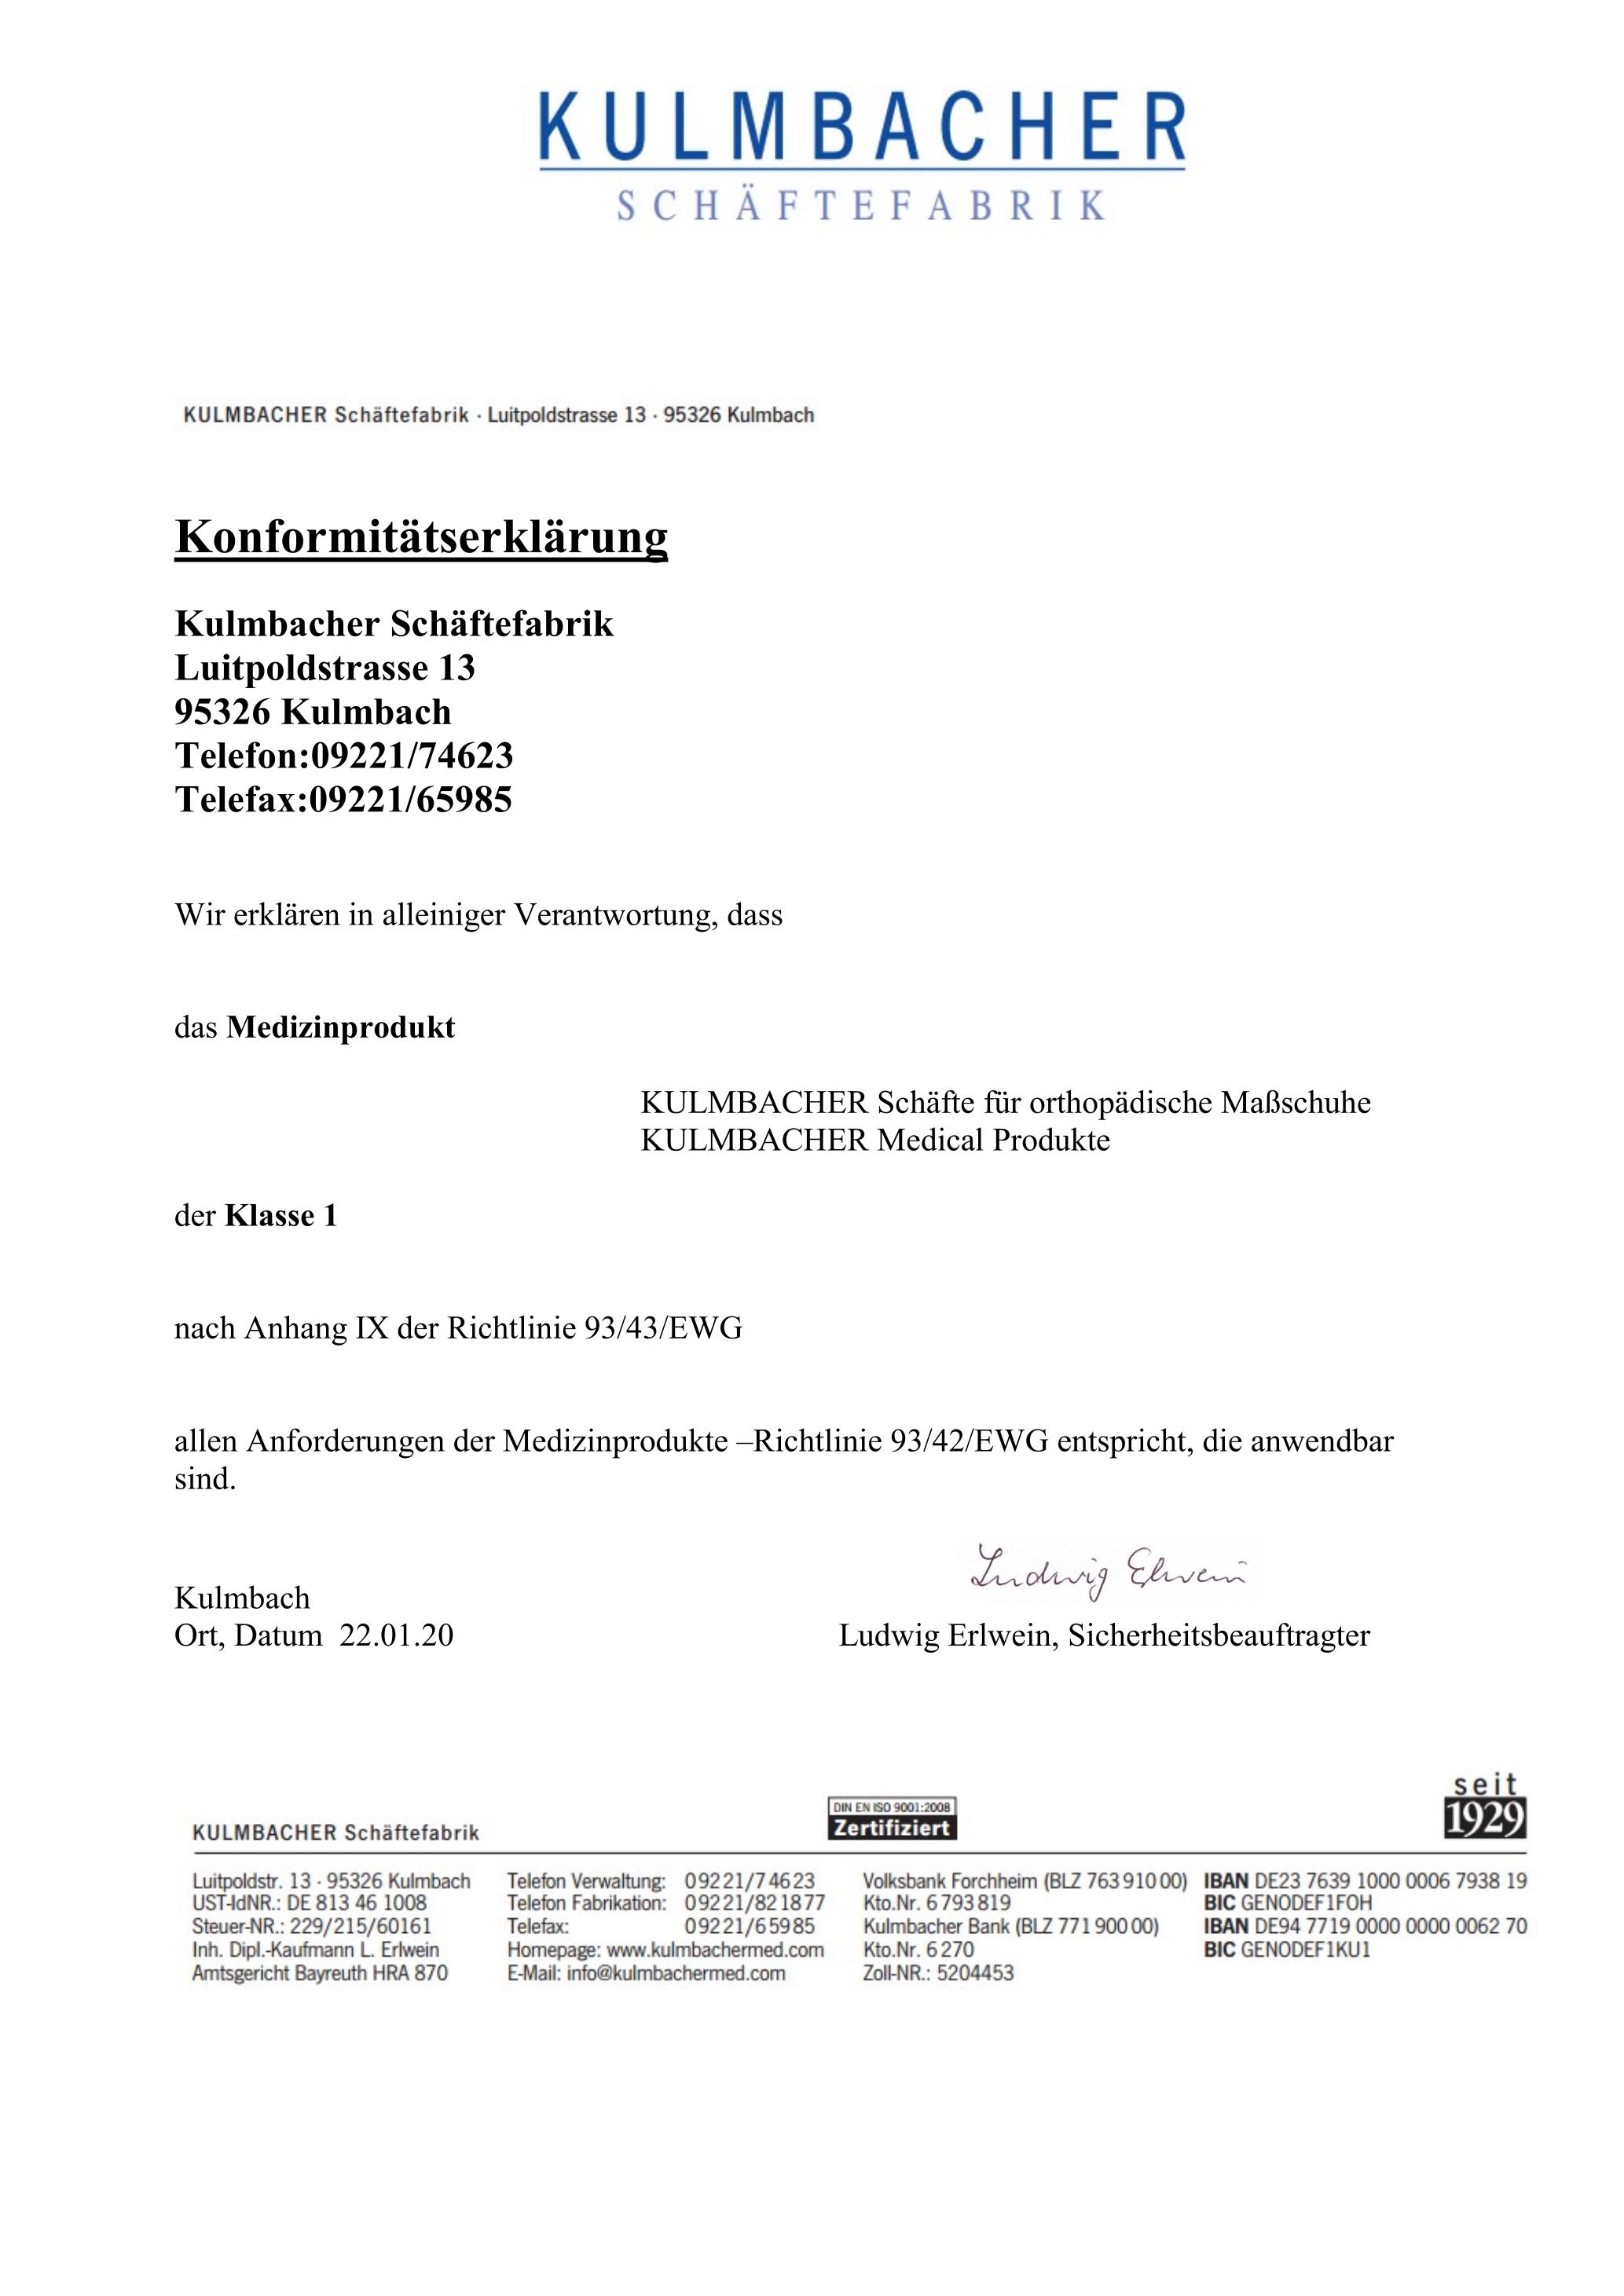 Konformitätserklärung 2020_01